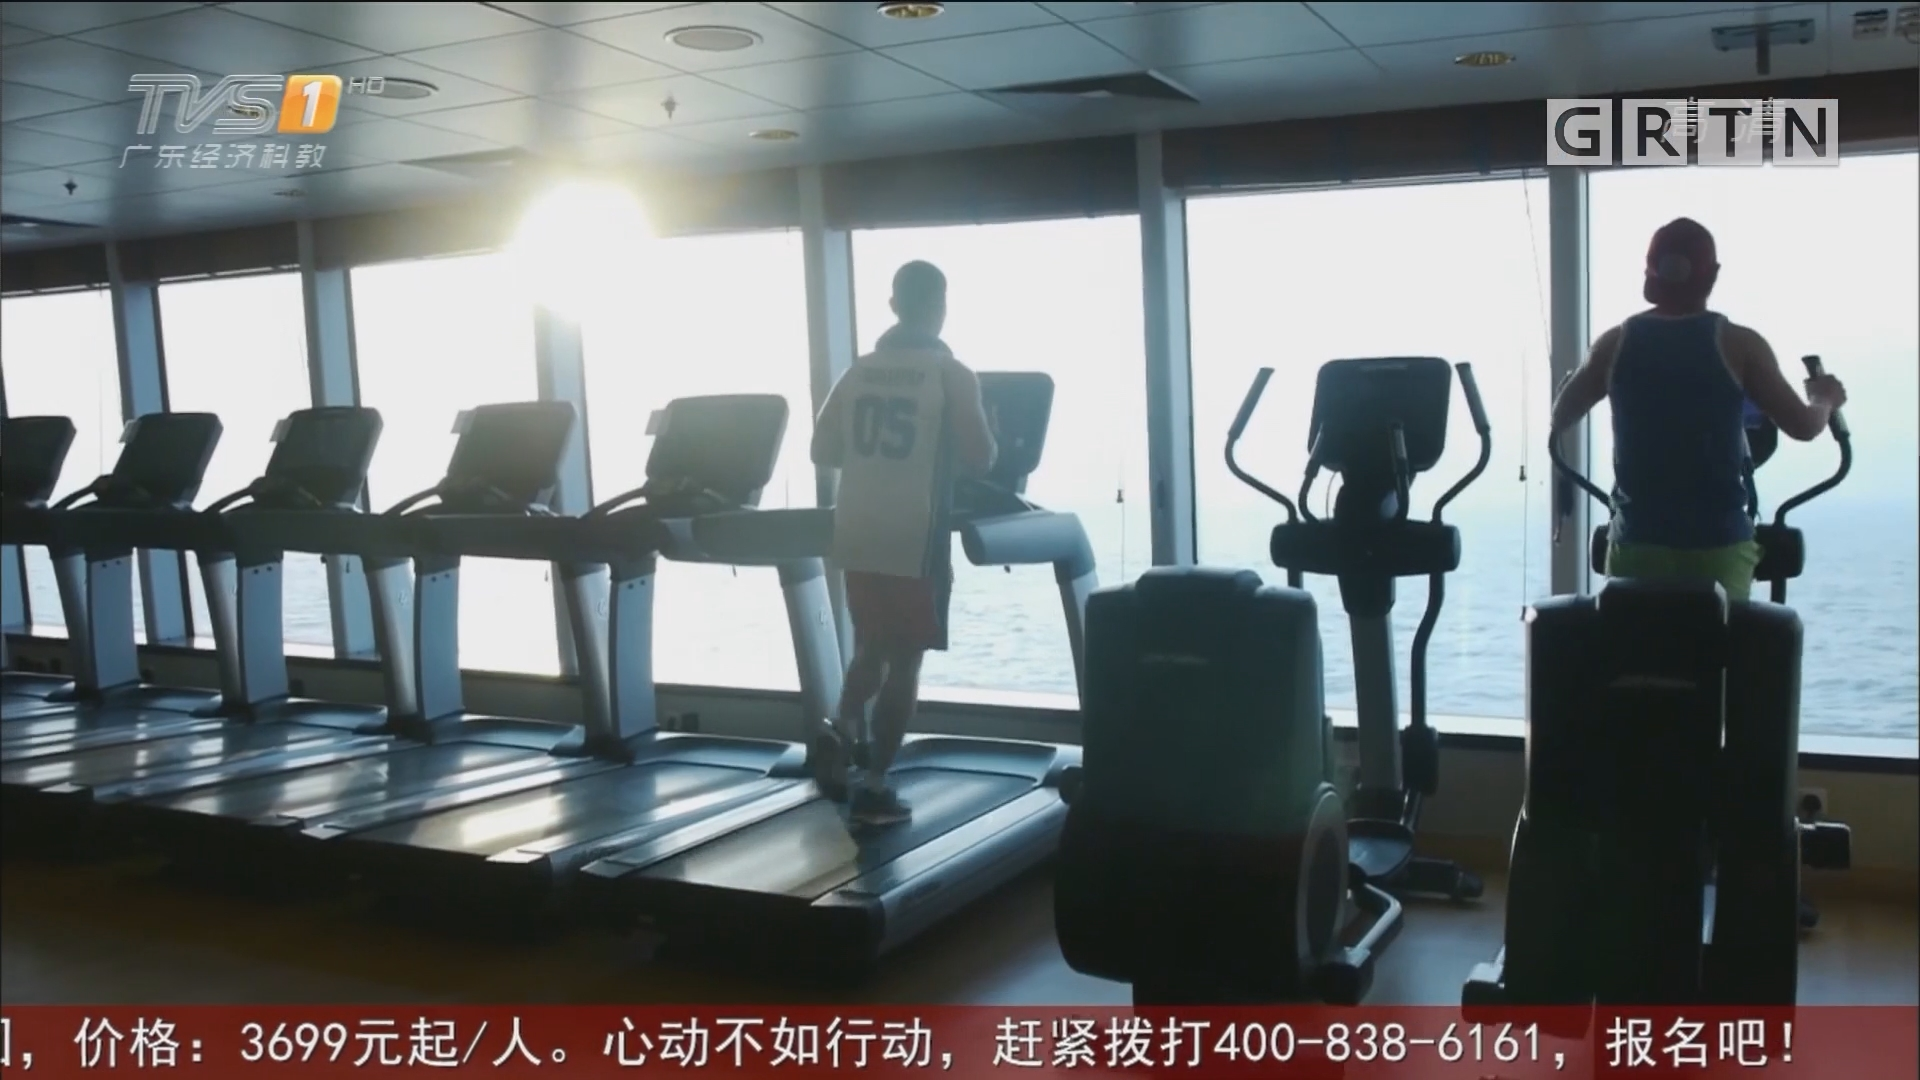 邮轮——处女星号的健身房